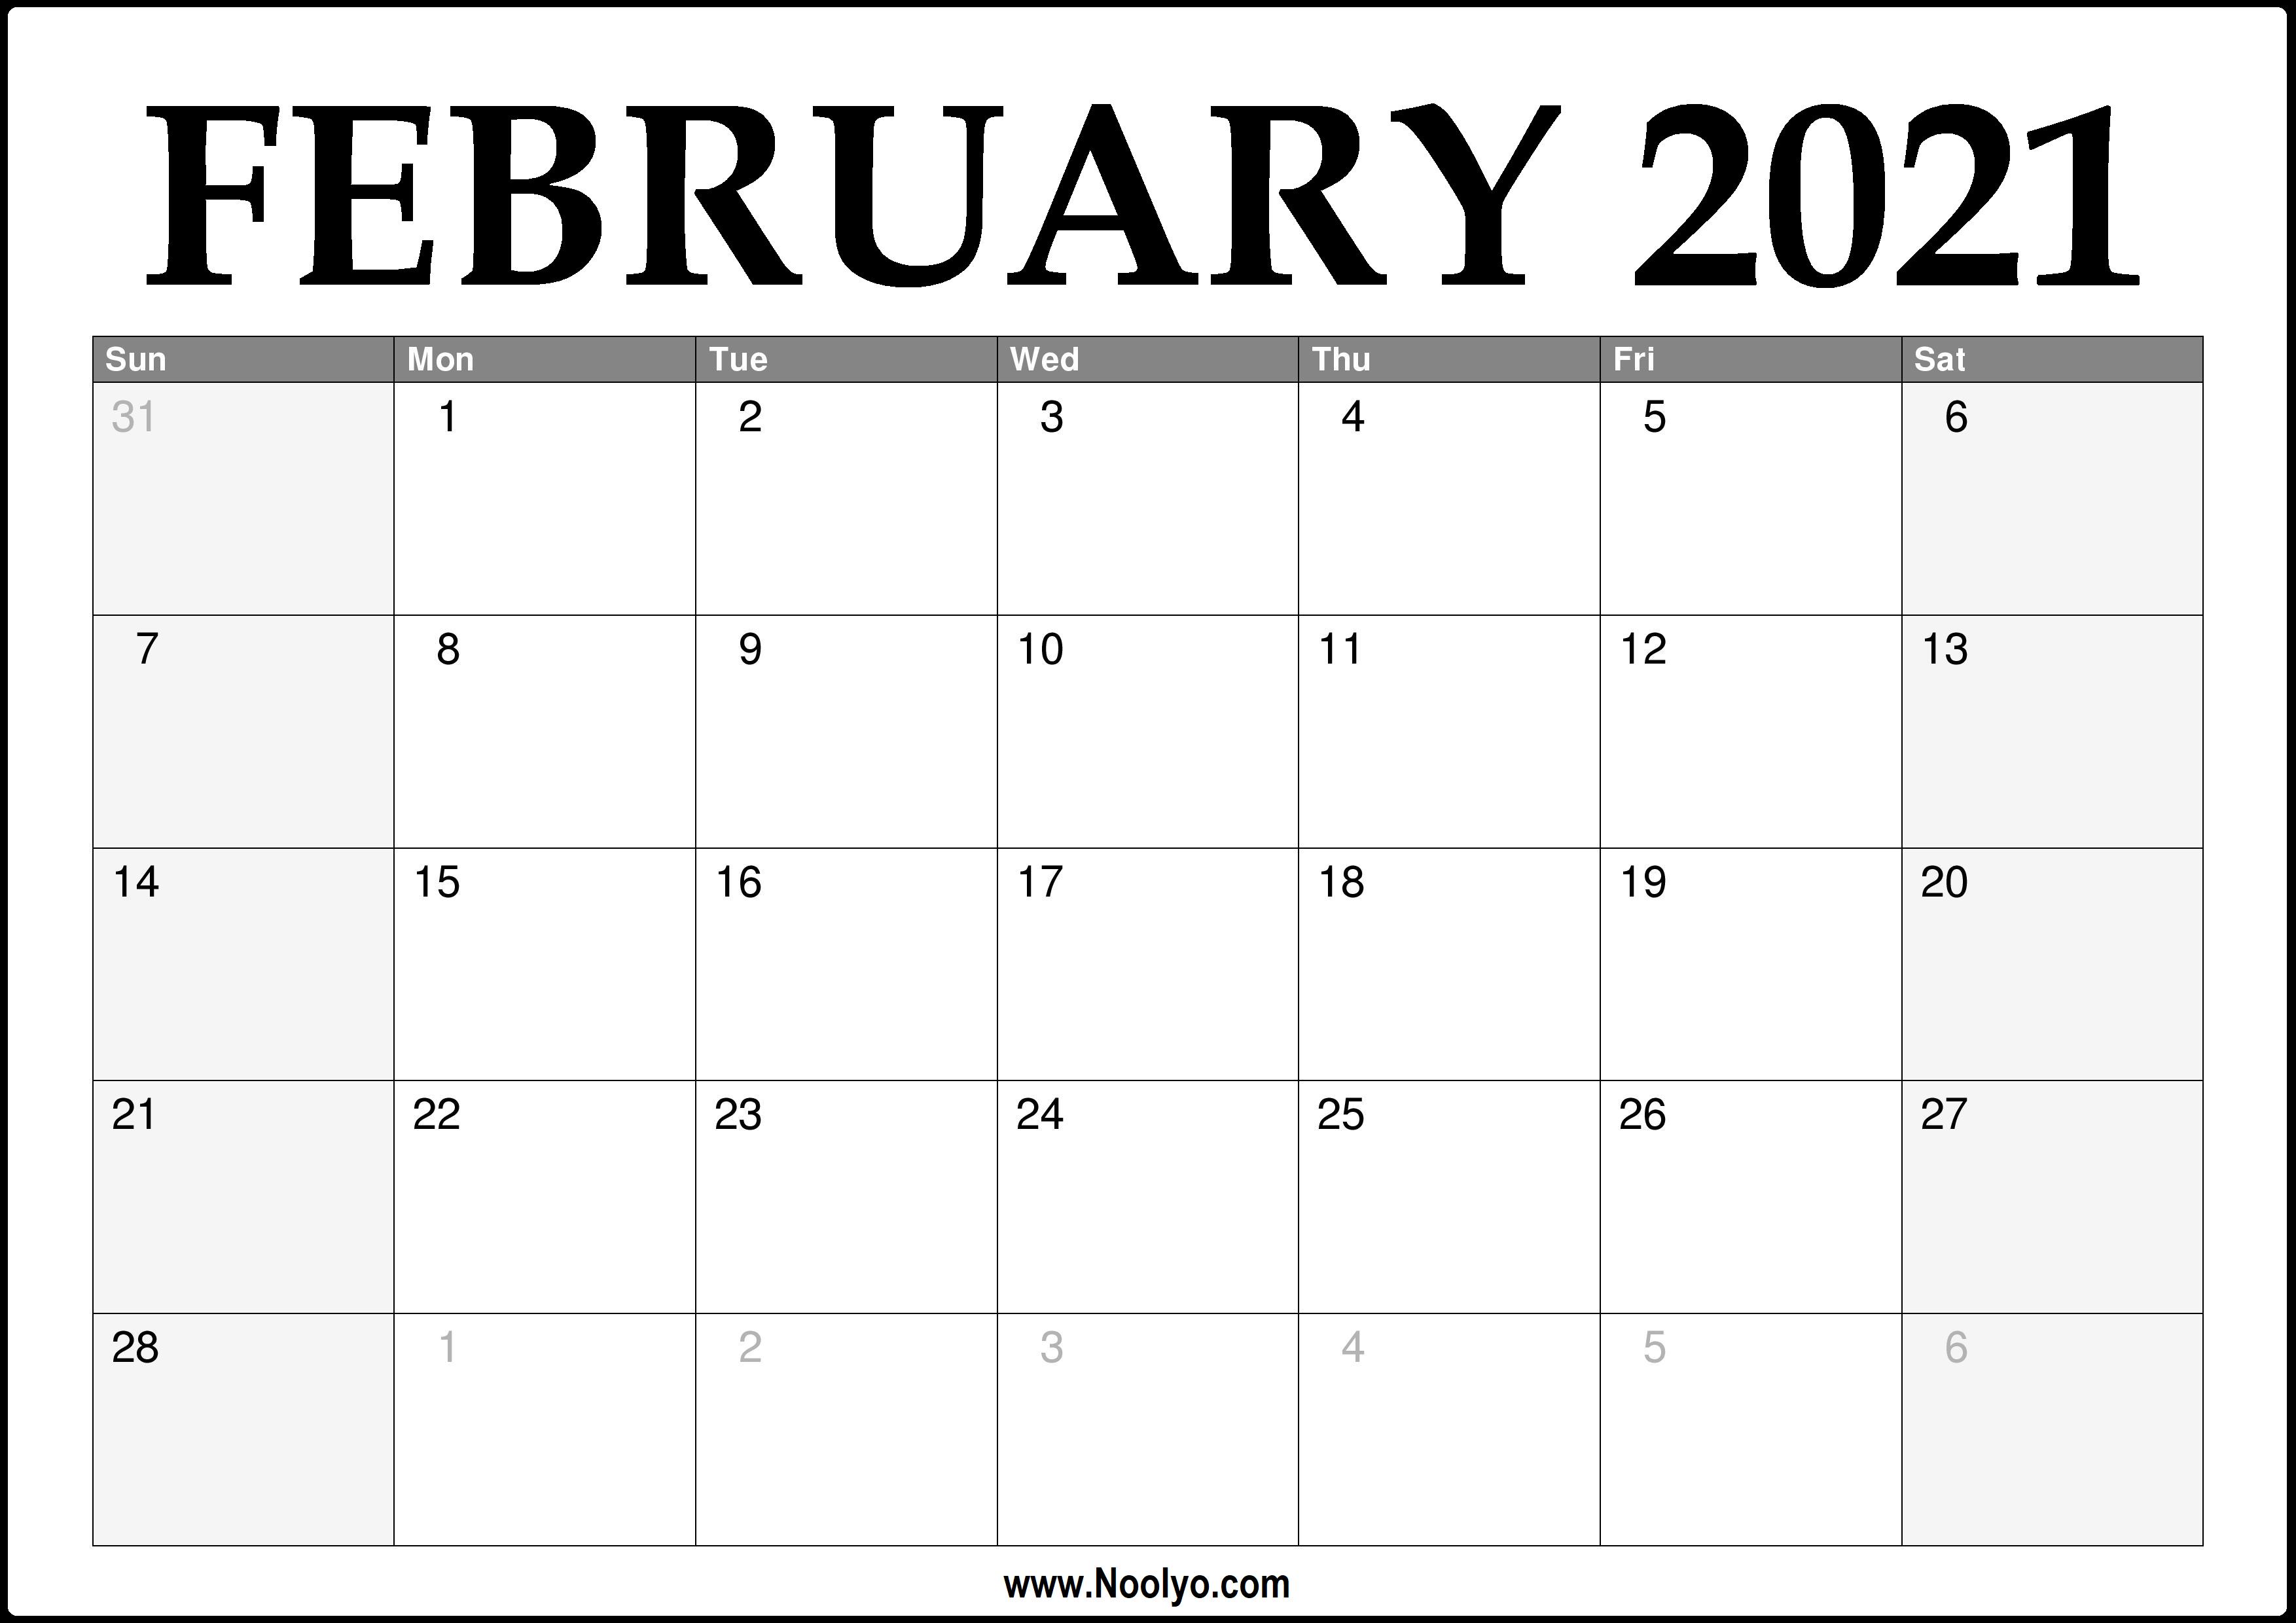 2021 February Calendar Printable - Download Free - Noolyo.com